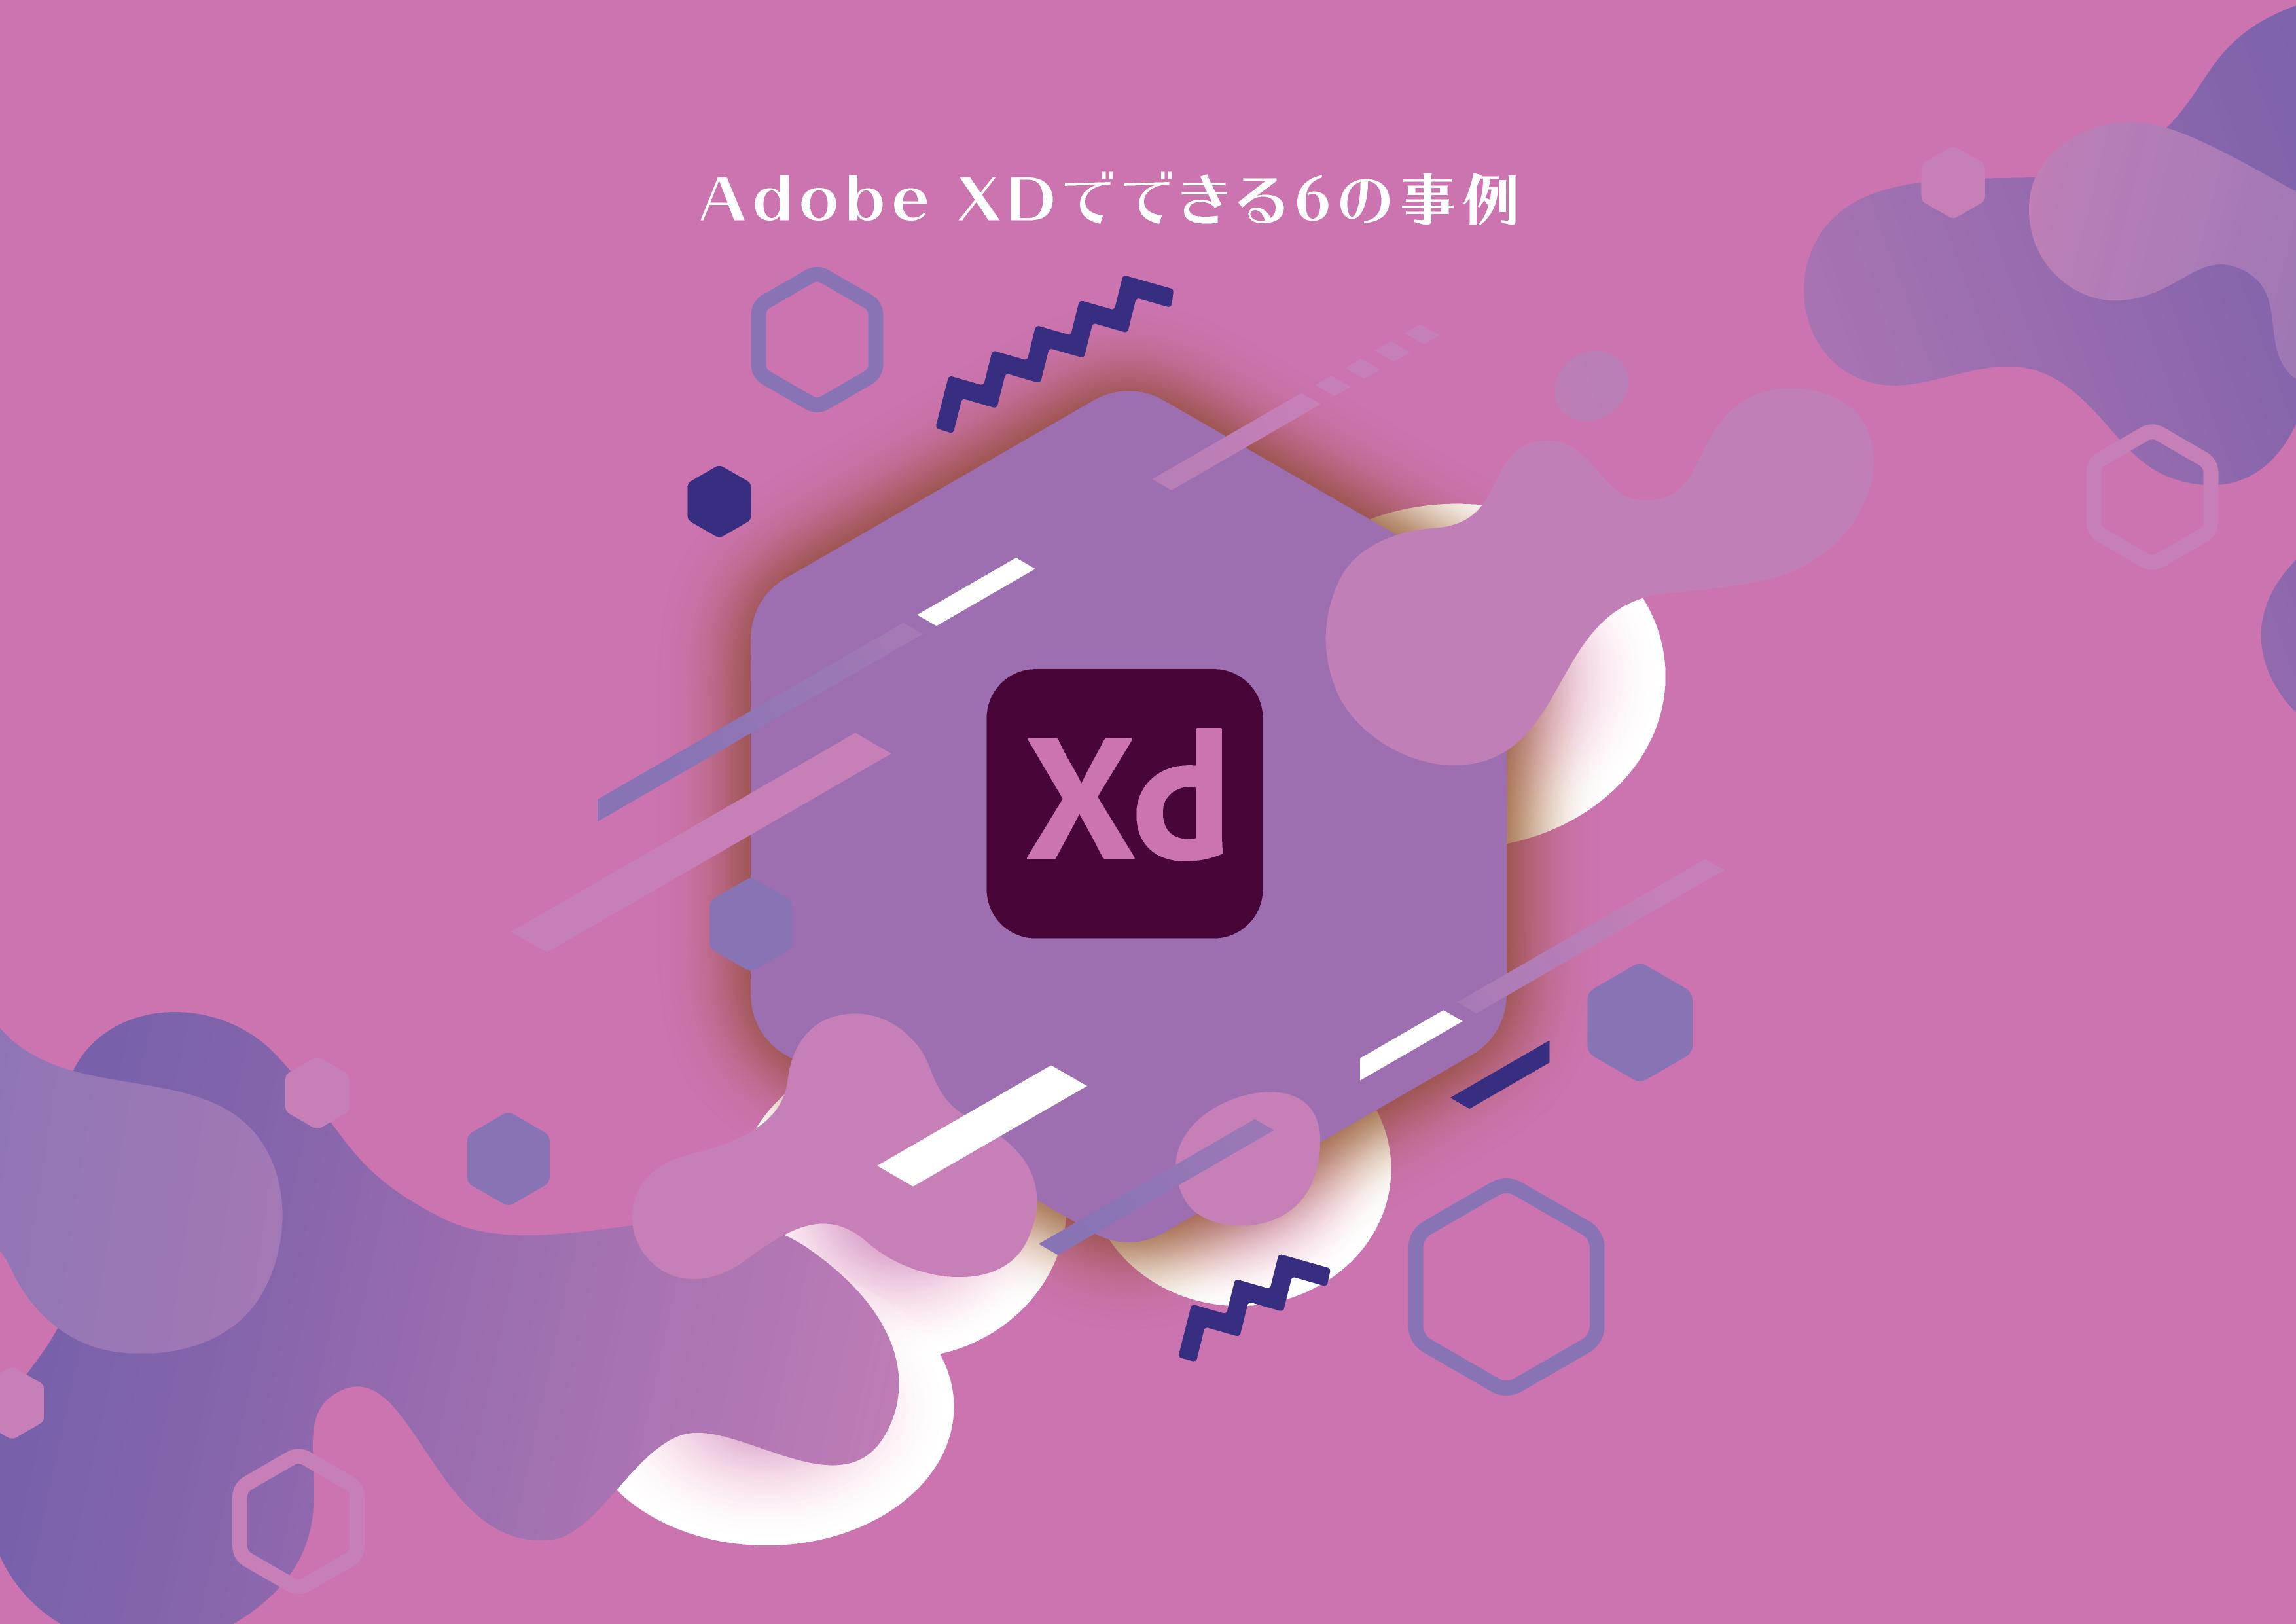 xd beginner 01